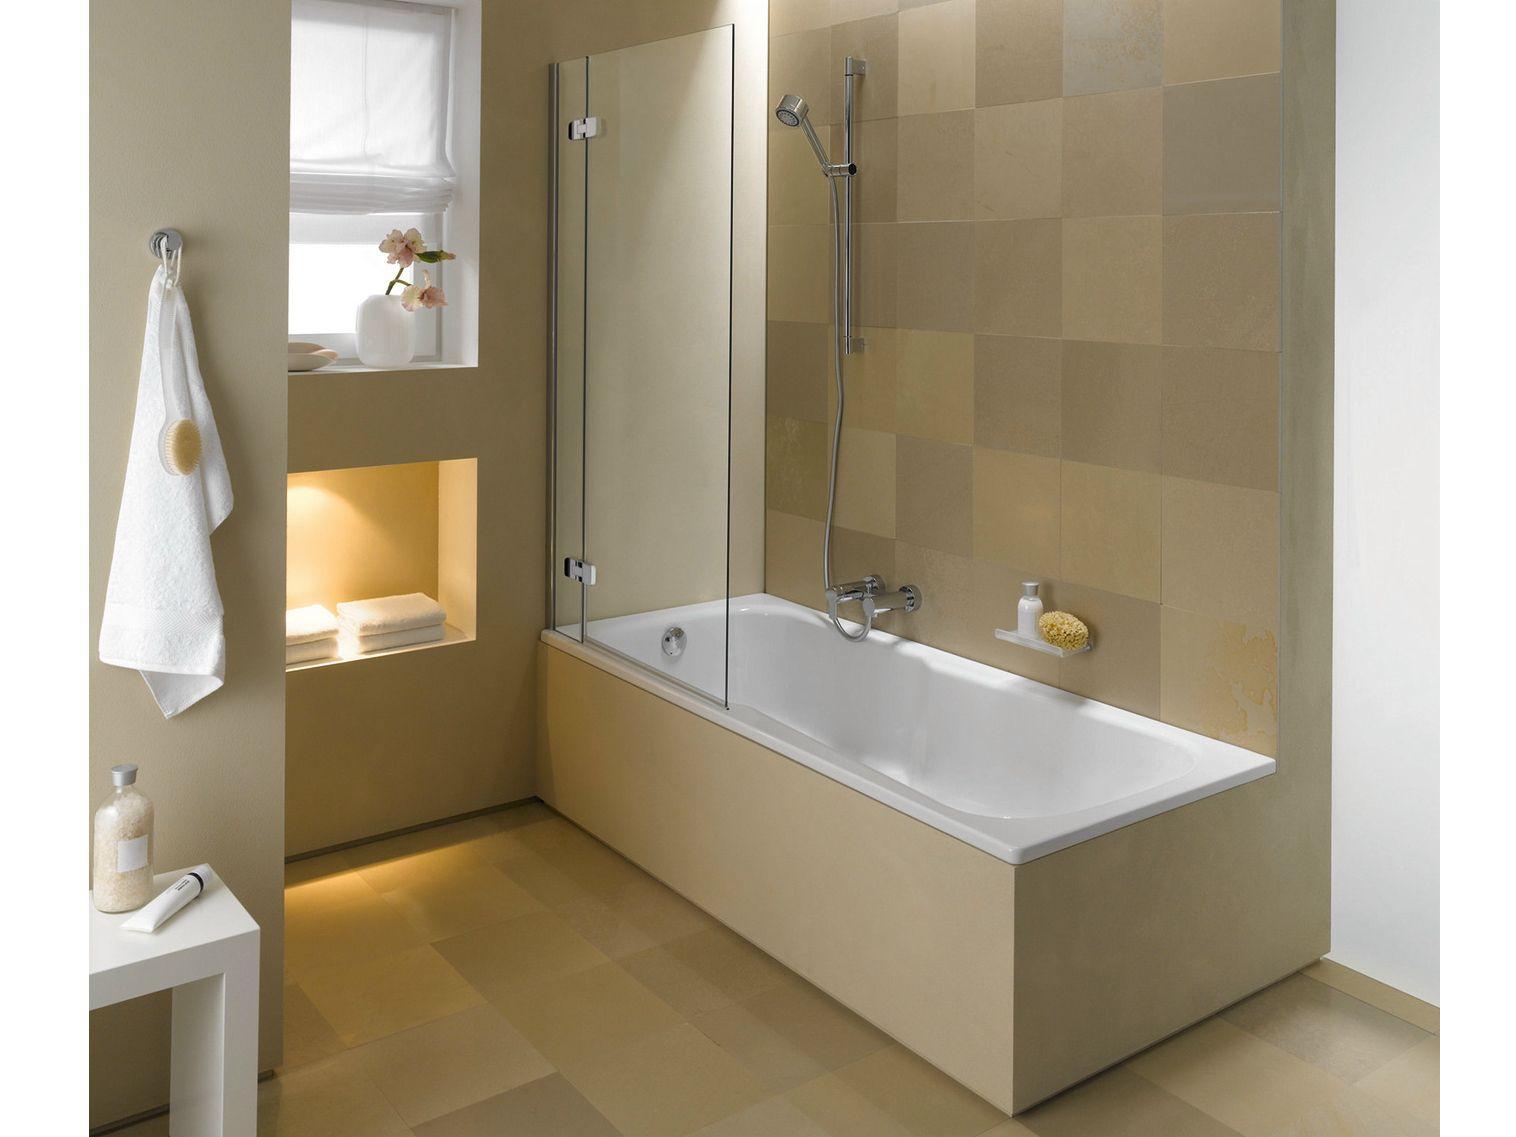 Vasca da bagno in acciaio smaltato con doccia betteset collezione vasche da bagno con doccia by for Togliere vasca da bagno e mettere doccia